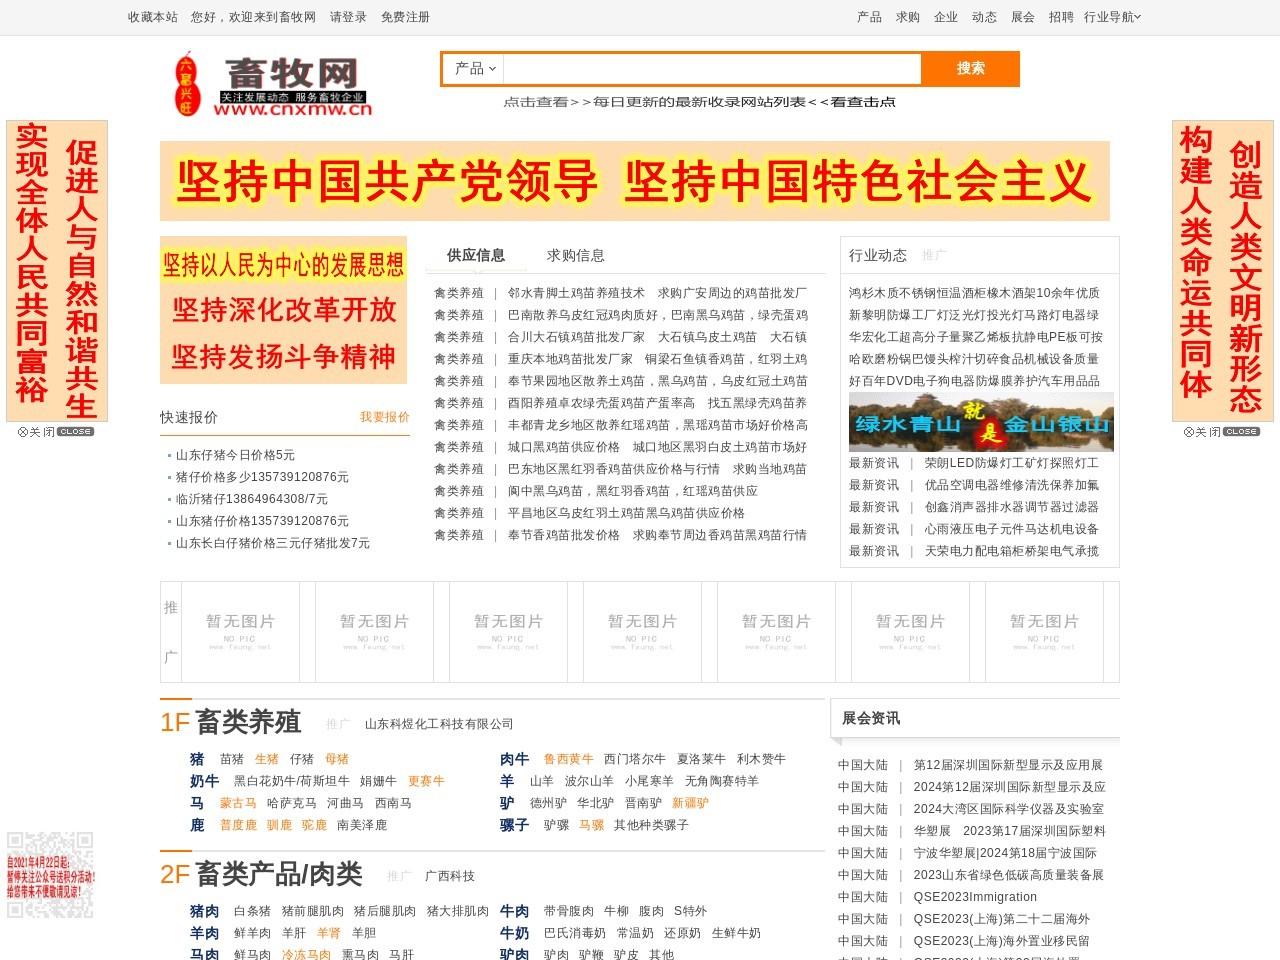 中国畜牧网_畜牧养殖信息网_畜牧养殖技术_行情信息